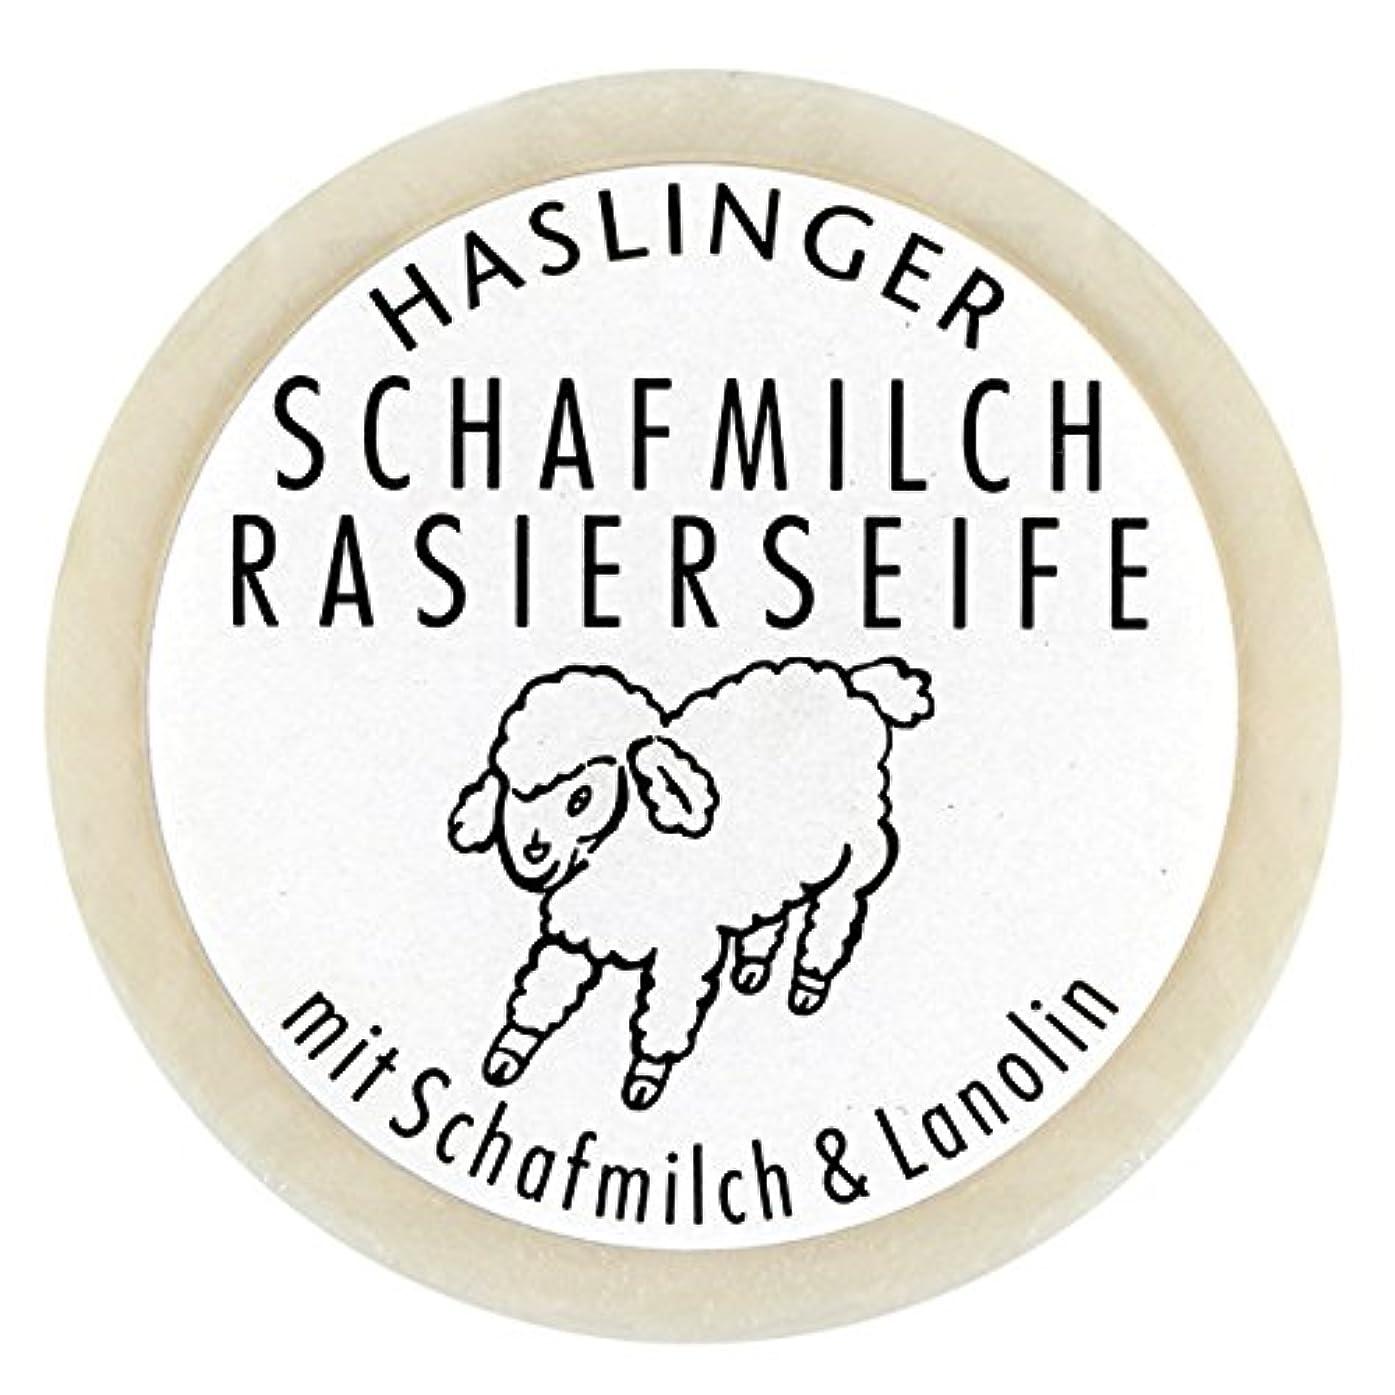 実験ファンブル拍手Schafmilch Rasierseife (Ewe`s Milk Shave Soap) 60g soap bar by Haslinger by Haslinger